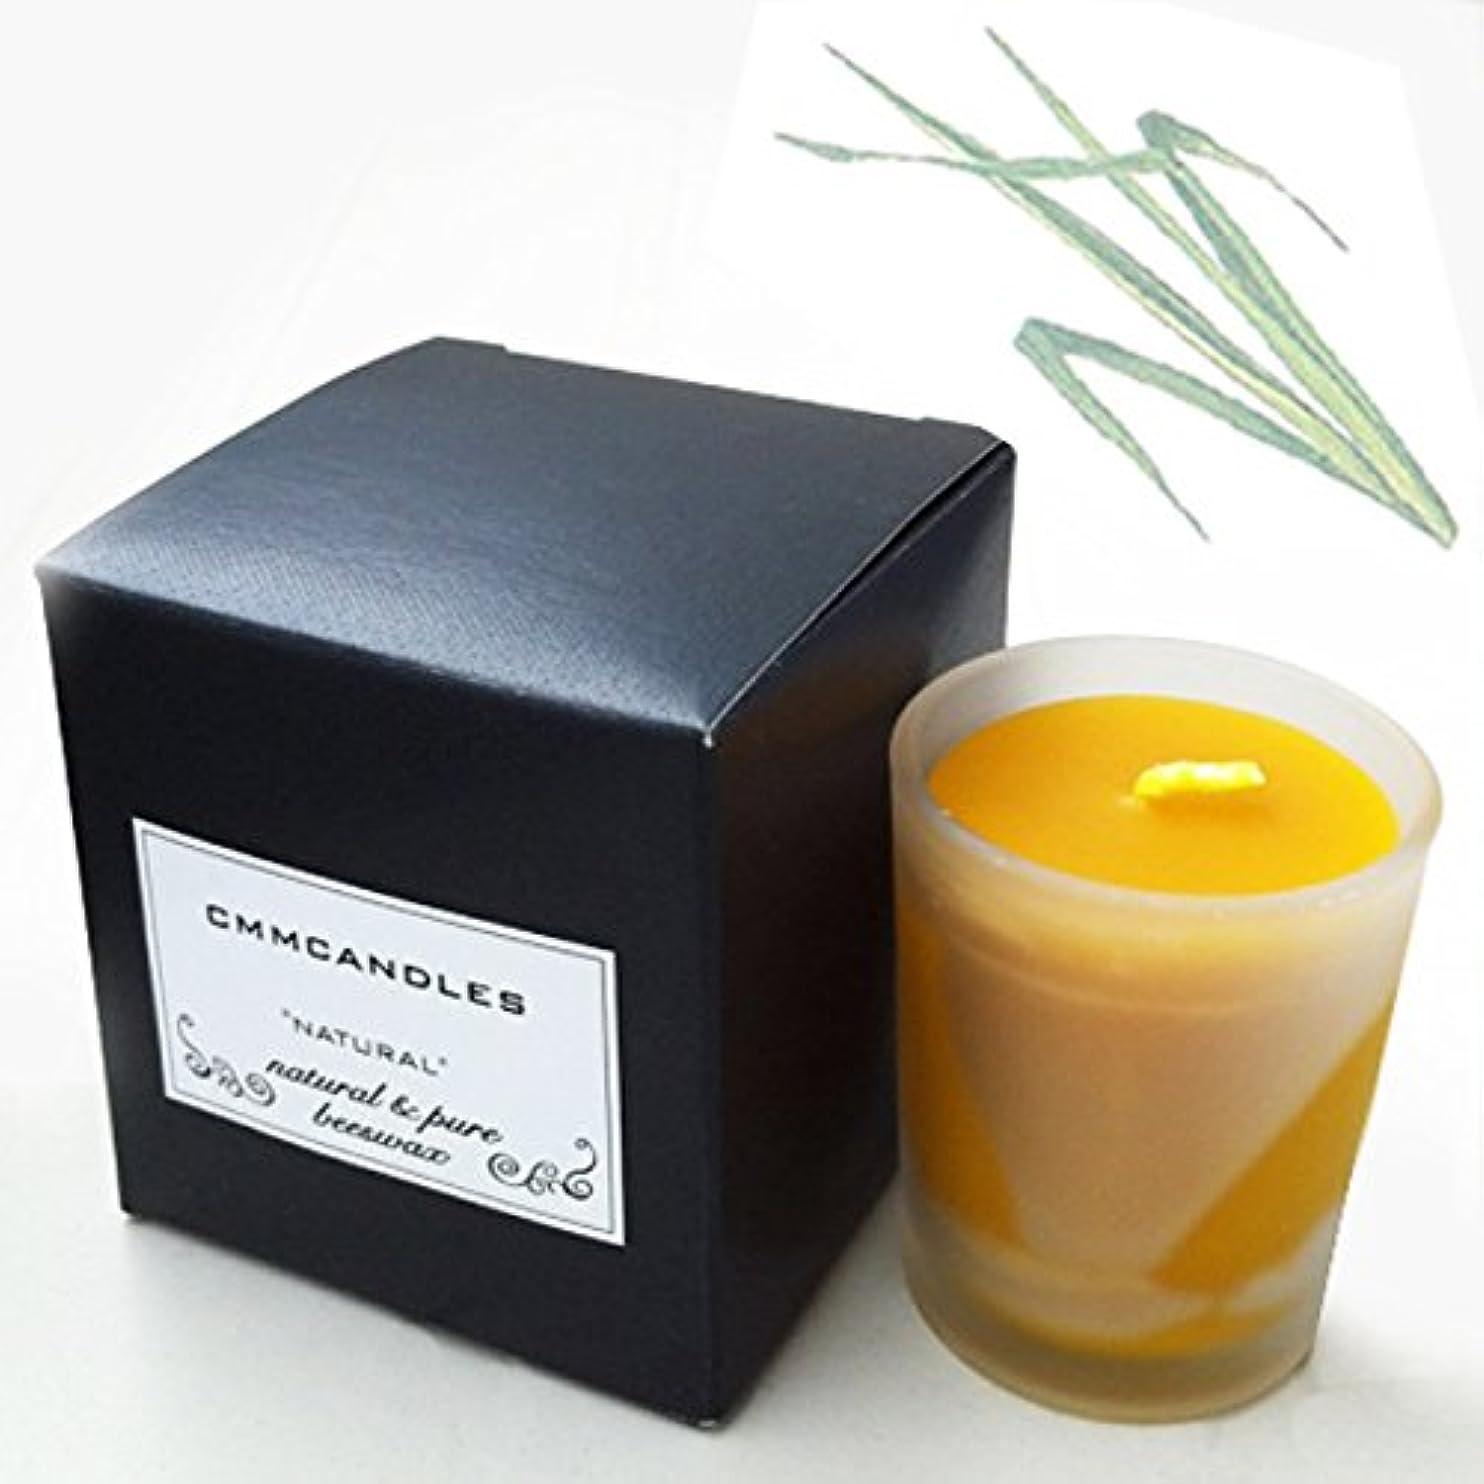 虚栄心カップル窓を洗う蜜蝋キャンドル&オイルセット シトロネラ/CITRONELLA